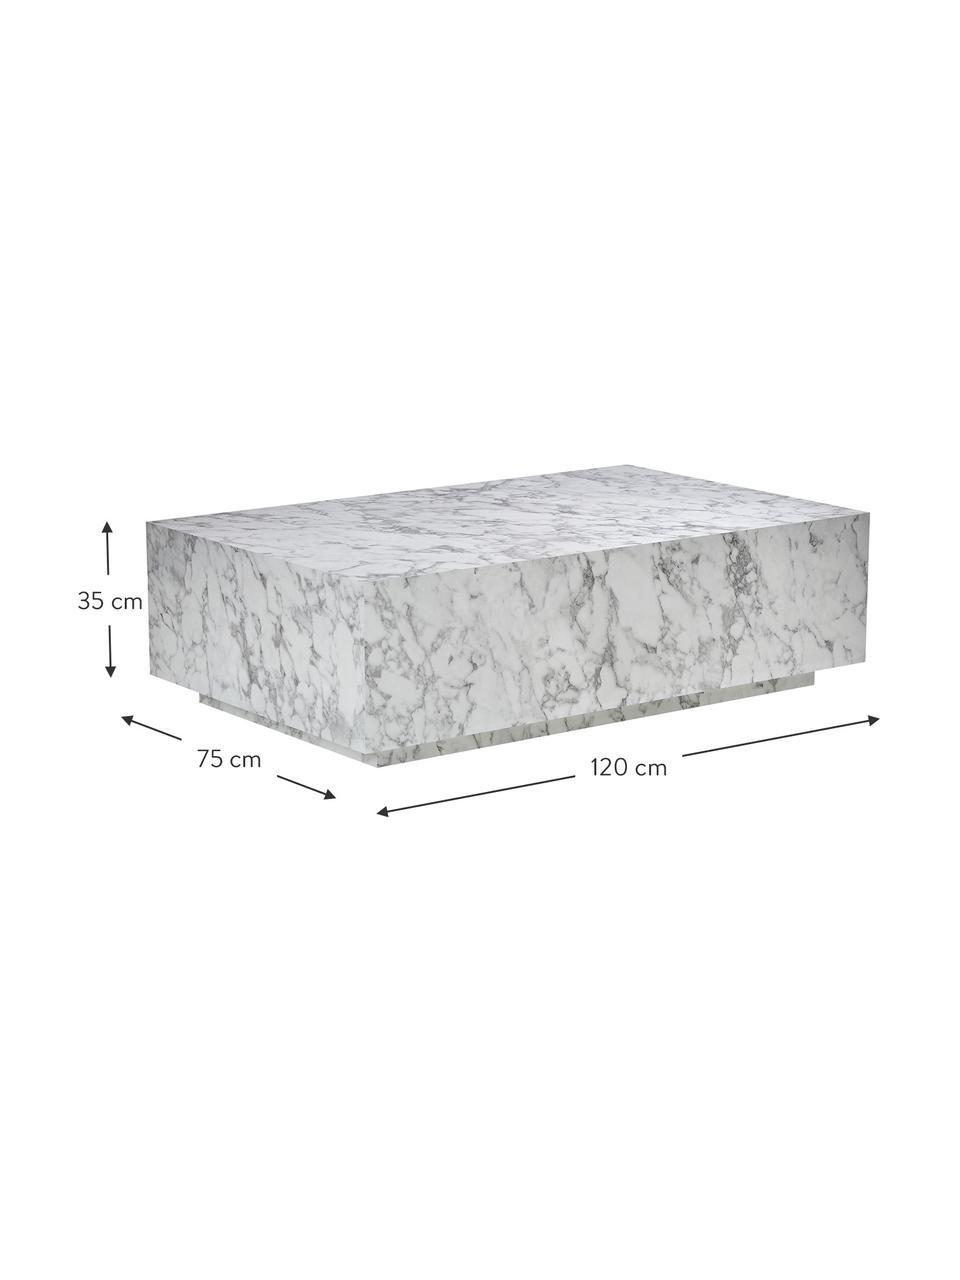 Zwevende salontafel Lesley met marmerlook, MDF bekleed met melaminefolie, Wit, marmerlook, 120 x 35 cm